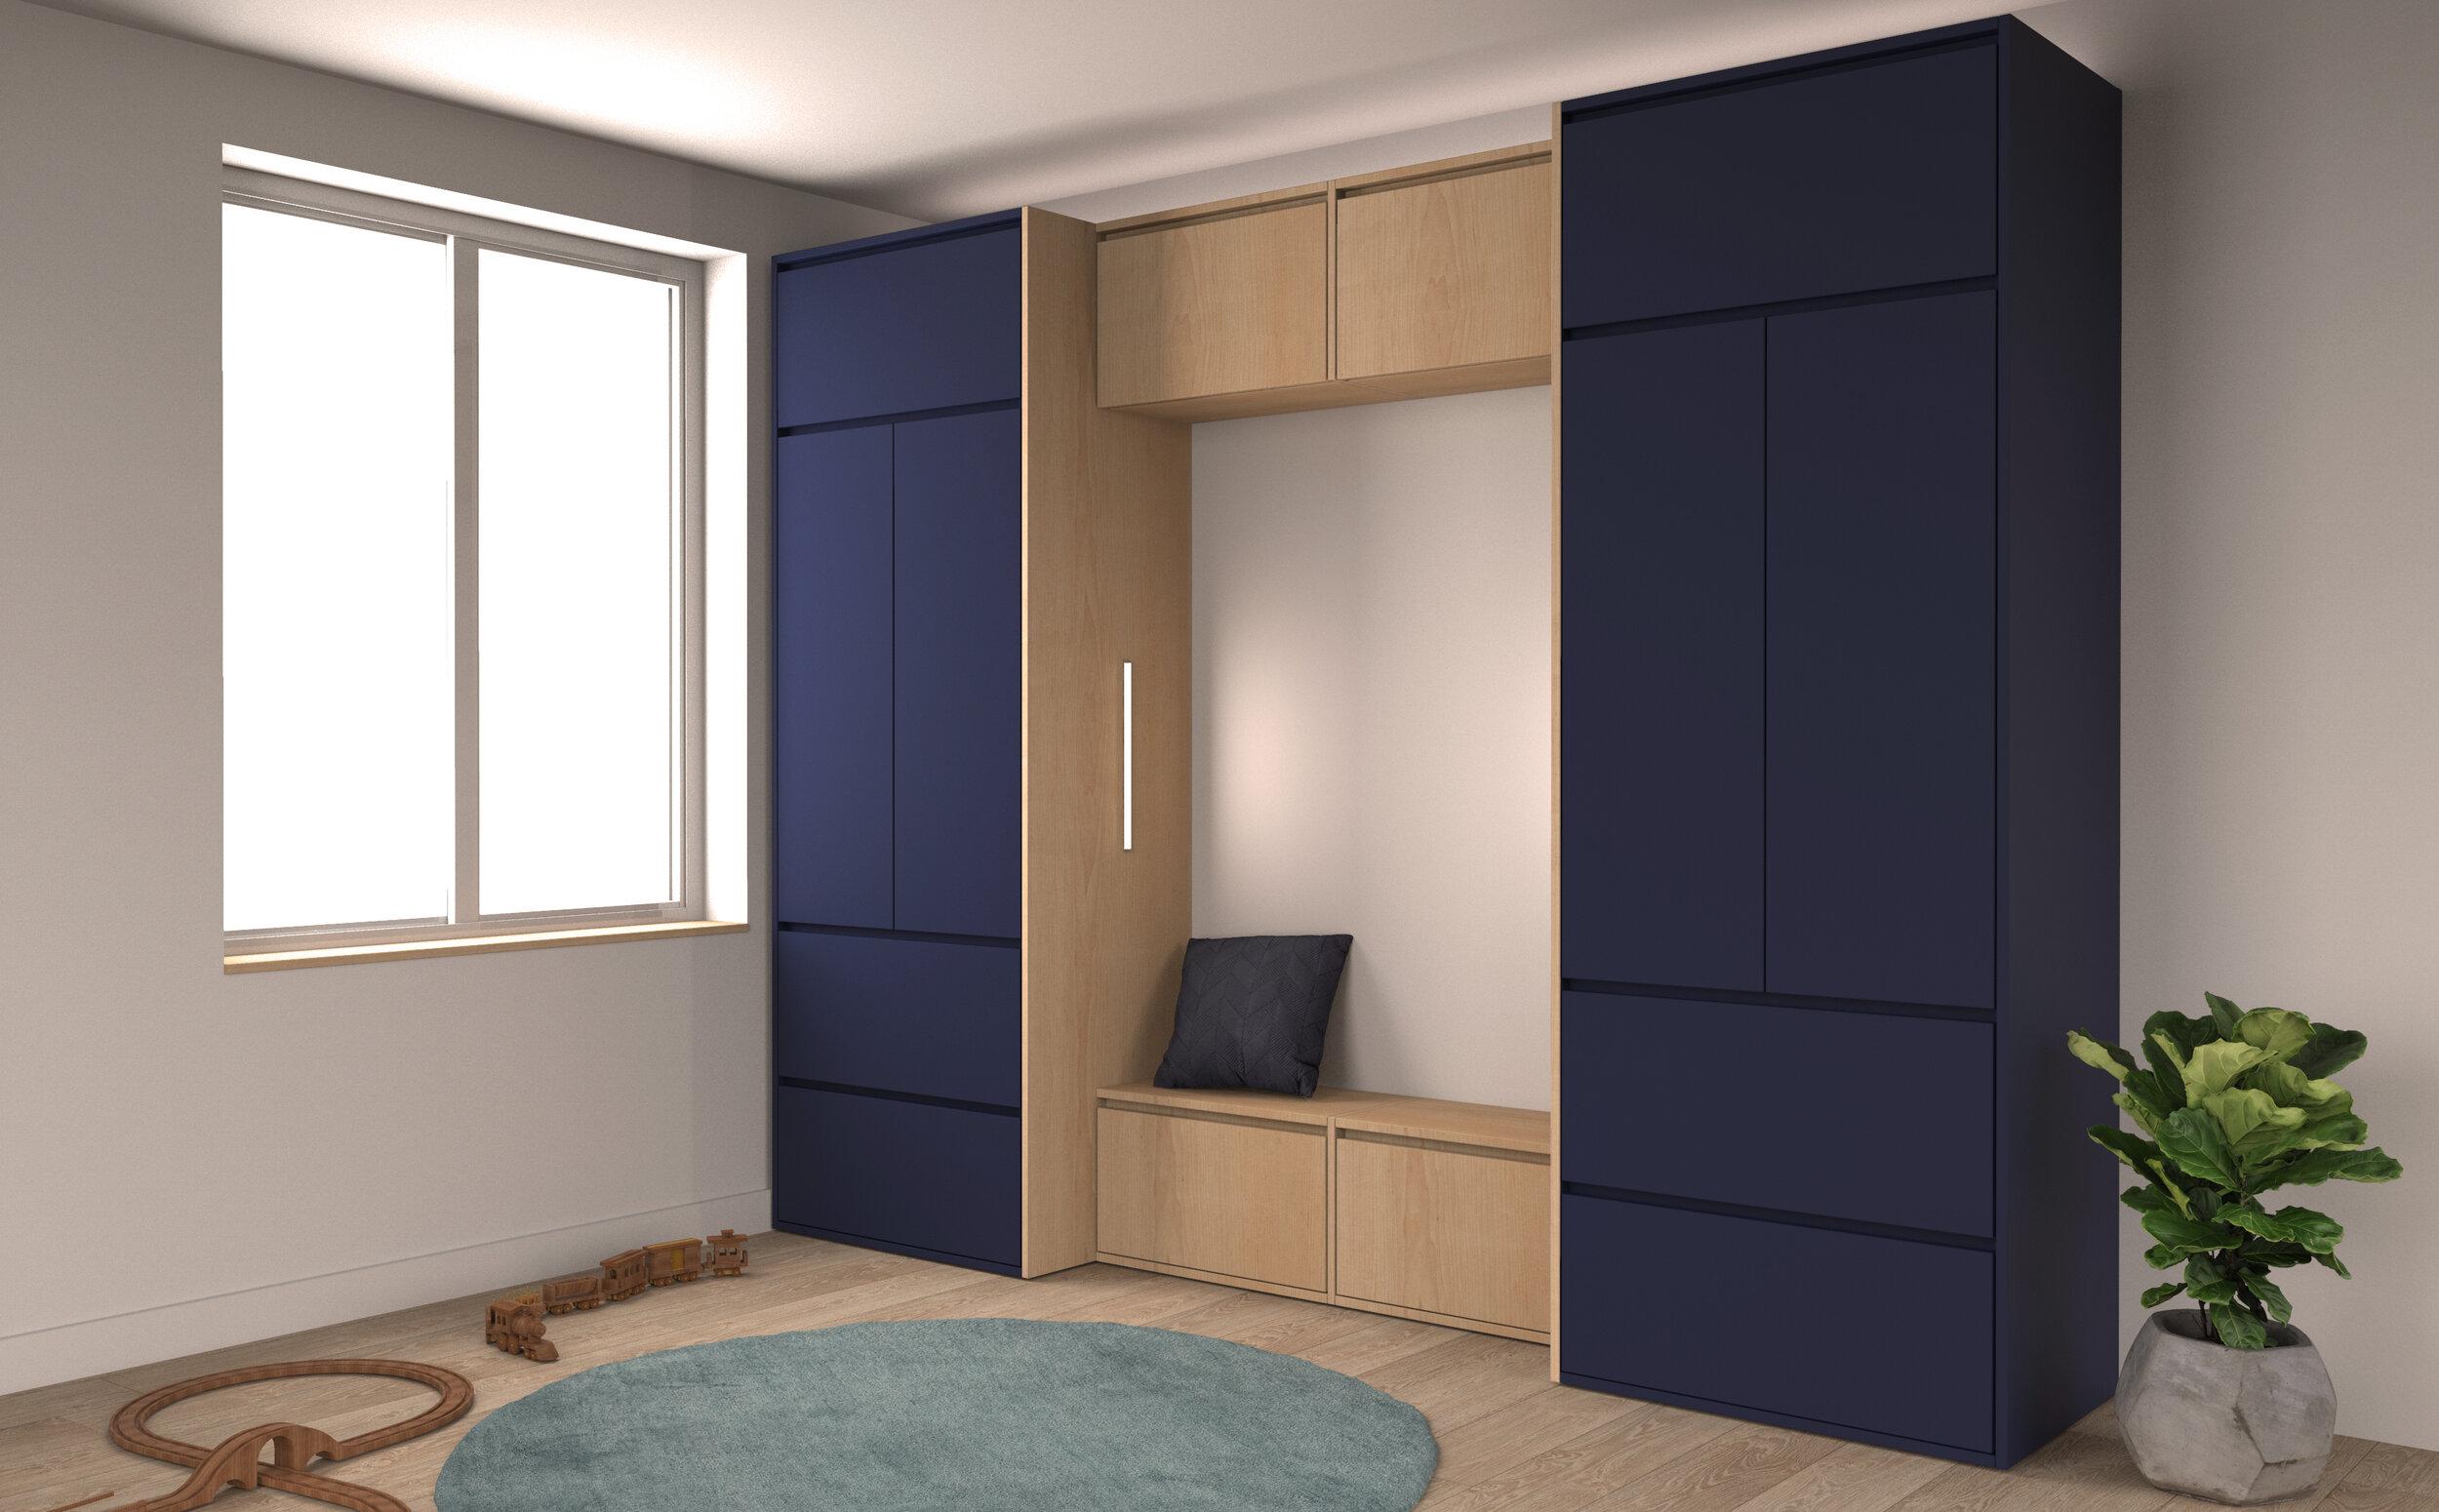 Kids Bedroom Built in Furniture Closet Vancouver Anthill Nexus.jpg